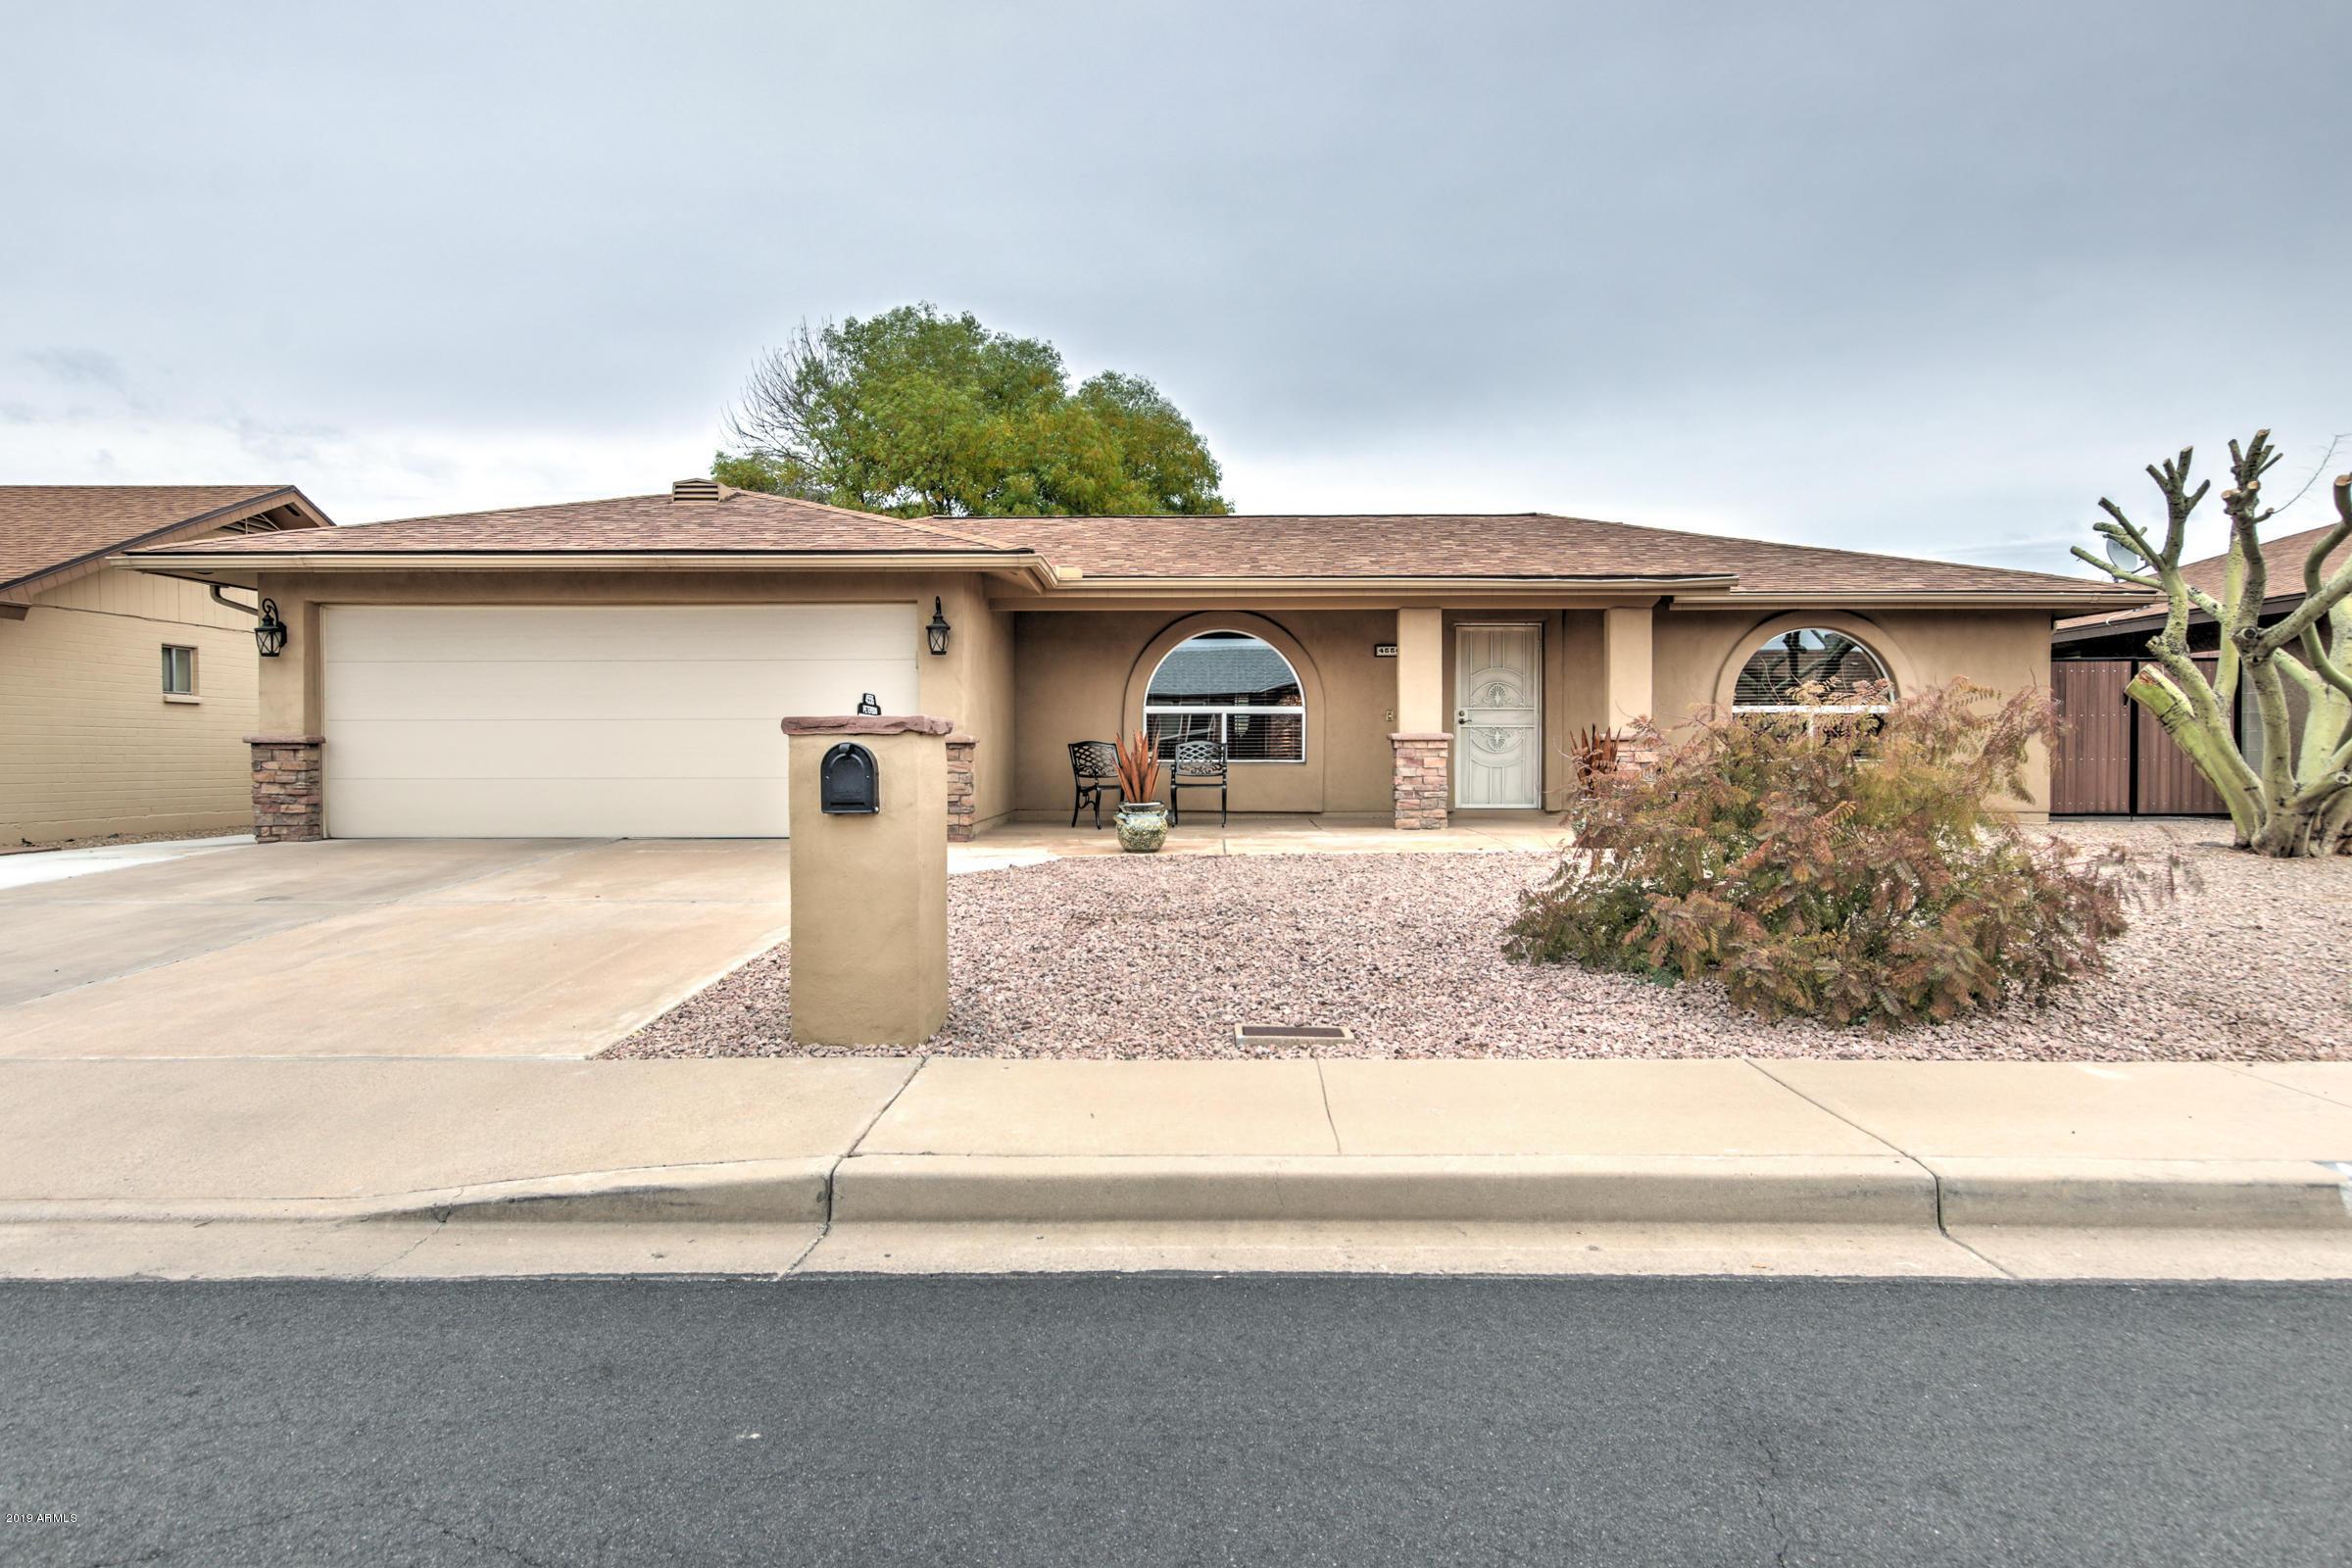 Photo of 4556 E Florian Circle, Mesa, AZ 85206